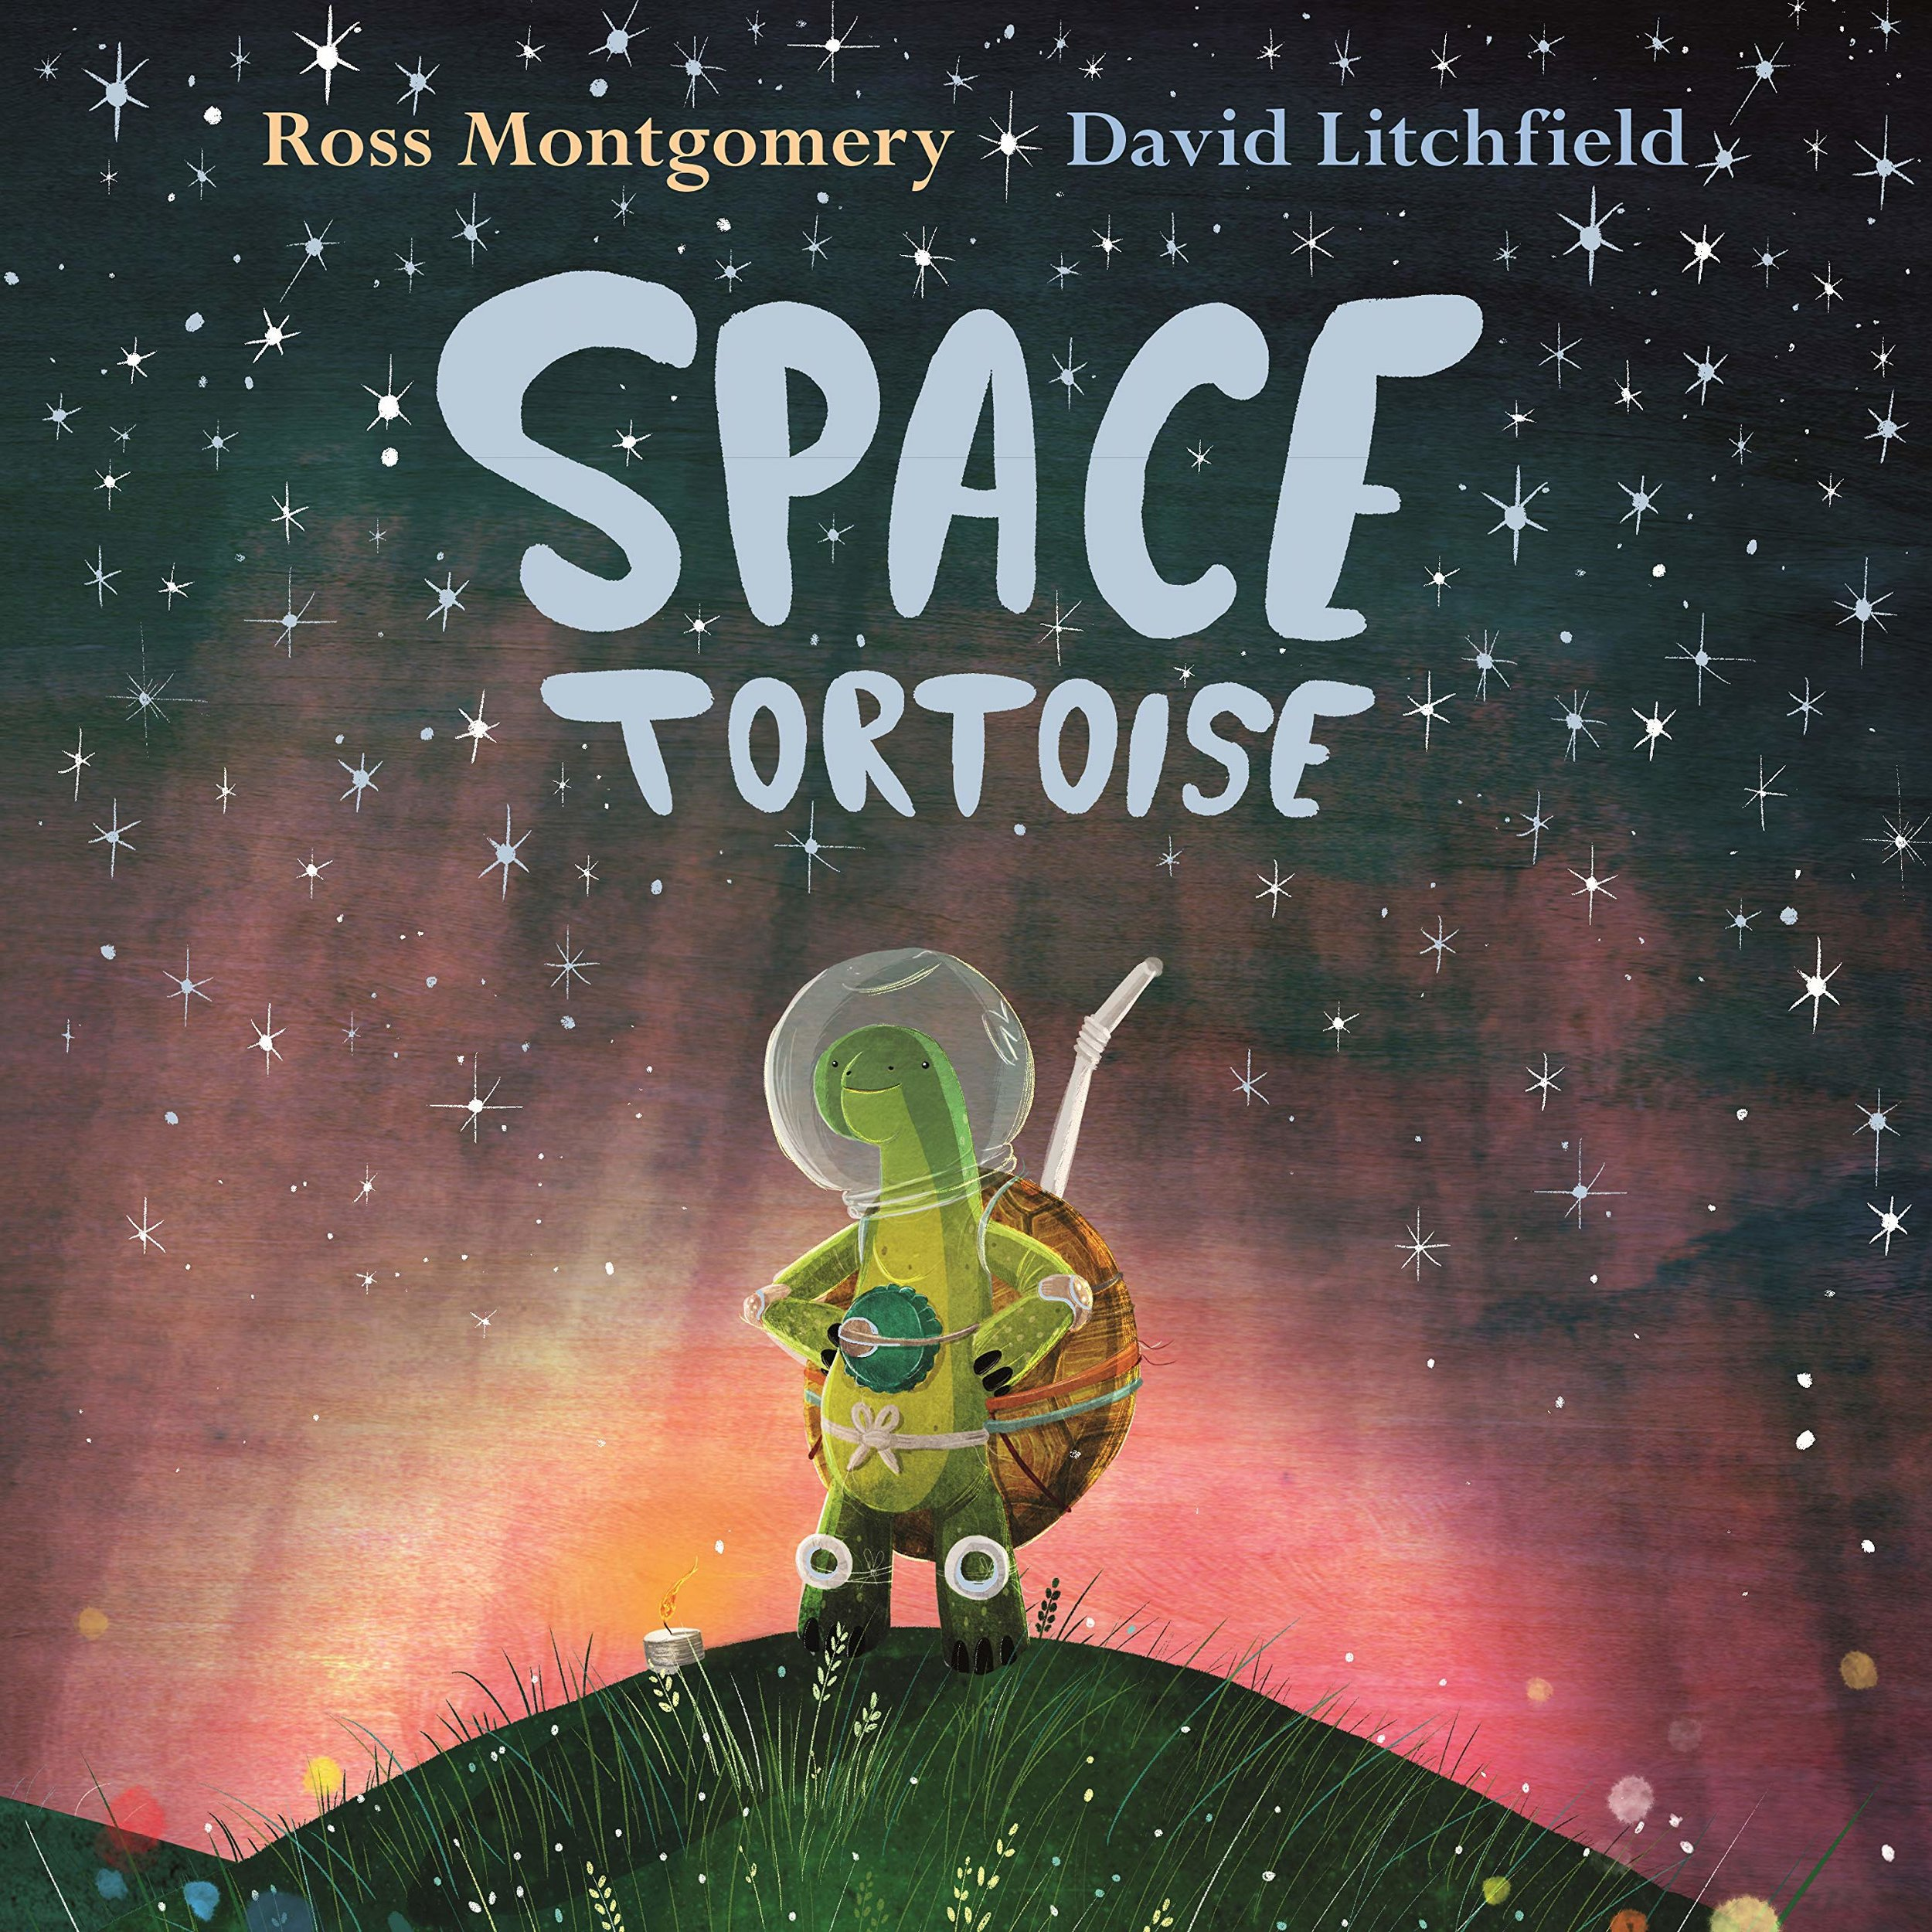 Space tortoise.jpg